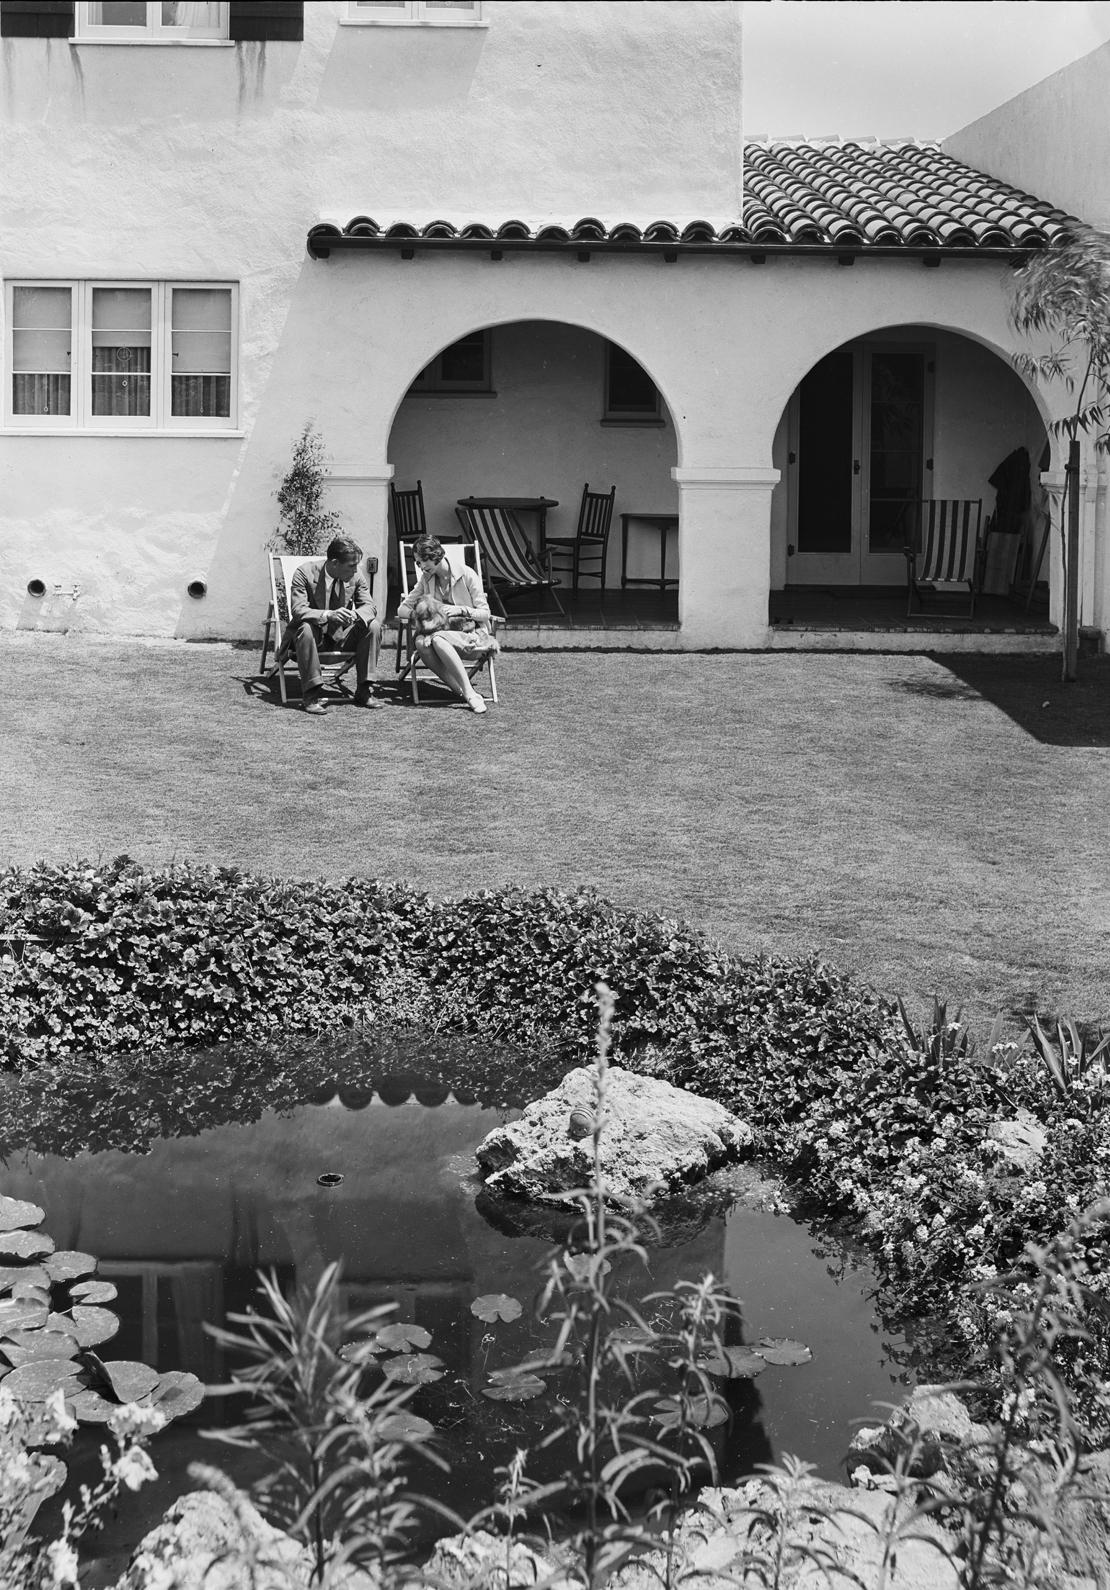 Peyolas_etc_in_View_Park_Southern_California_Los_Angeles_CA_1929_image_2.jpg